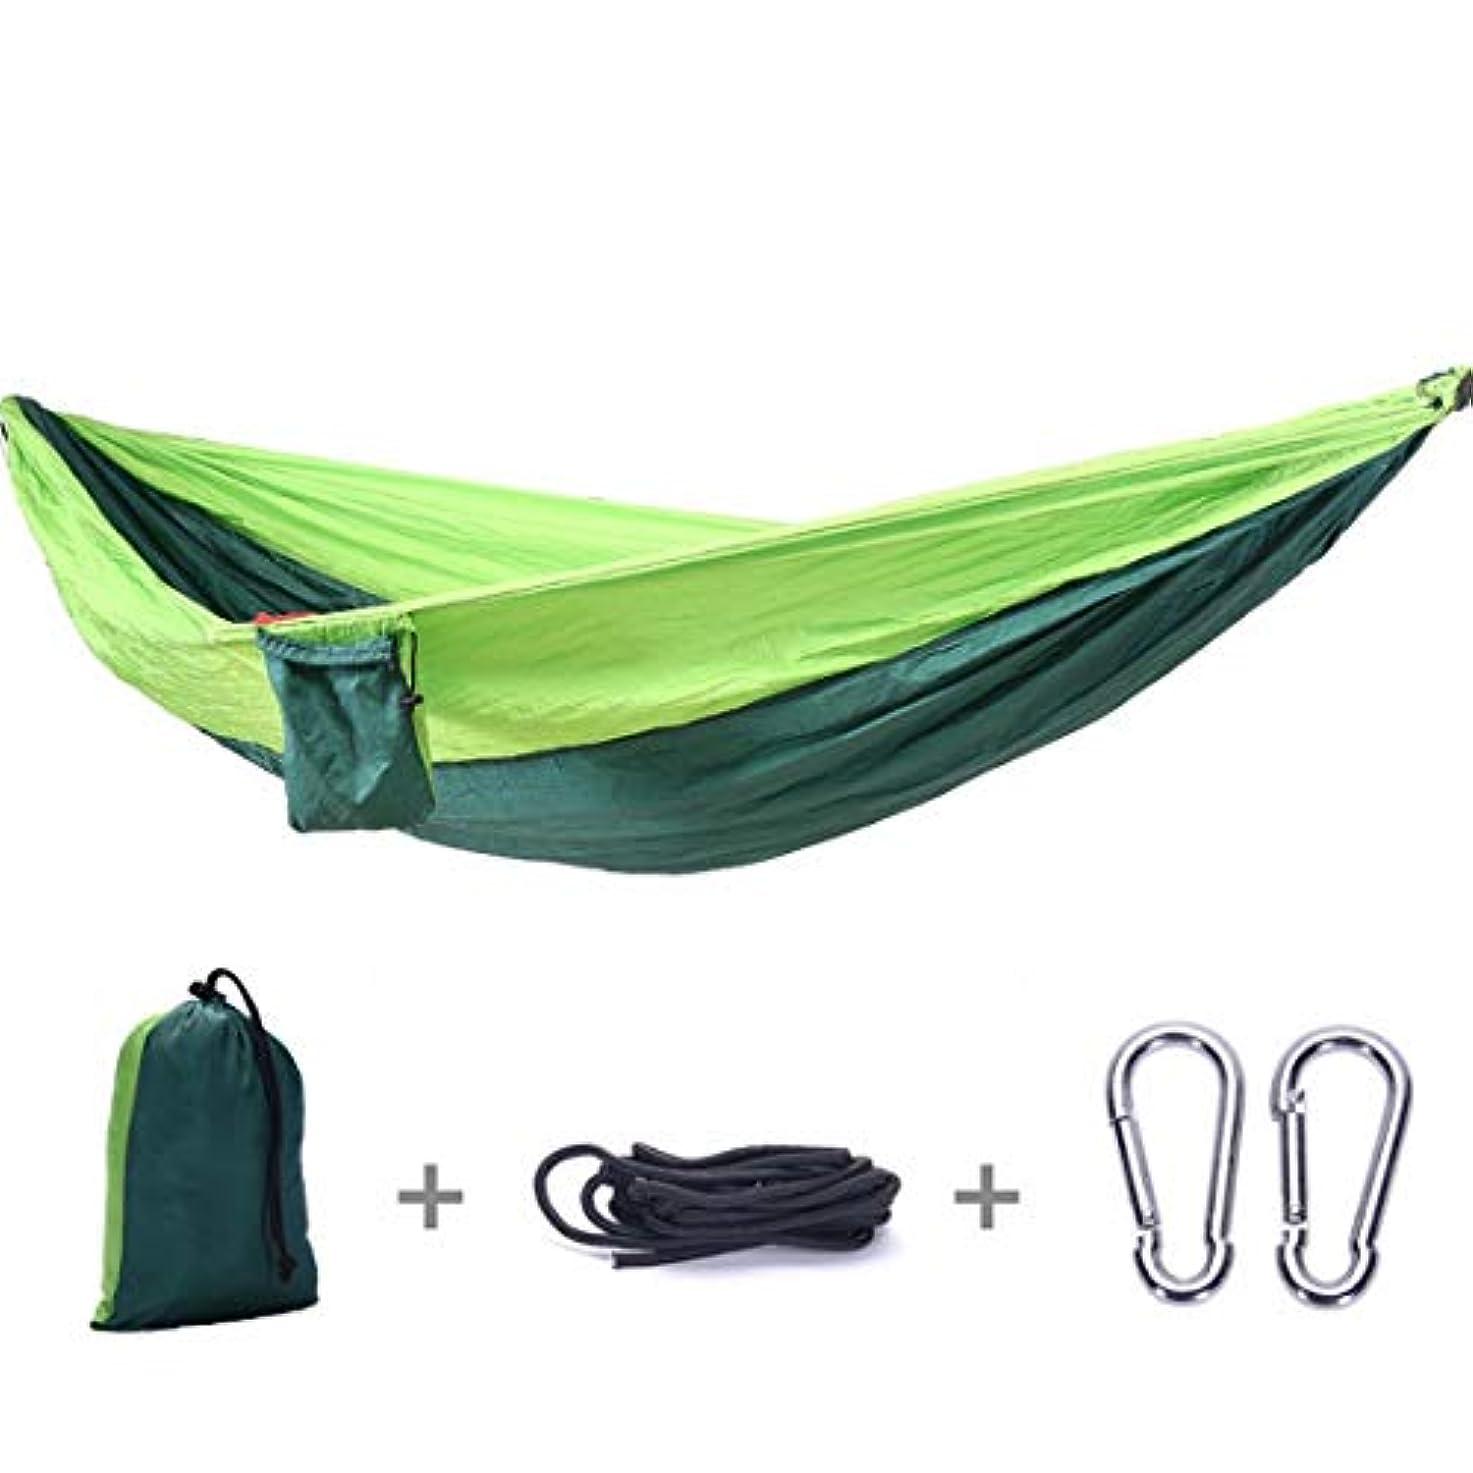 フリッパー札入れ母性Koloeplf キャンプ、庭、野外活動のための屋外のパラシュートのハンモックのナイロンハンモックの二重軽いハンモック (Color : 5)